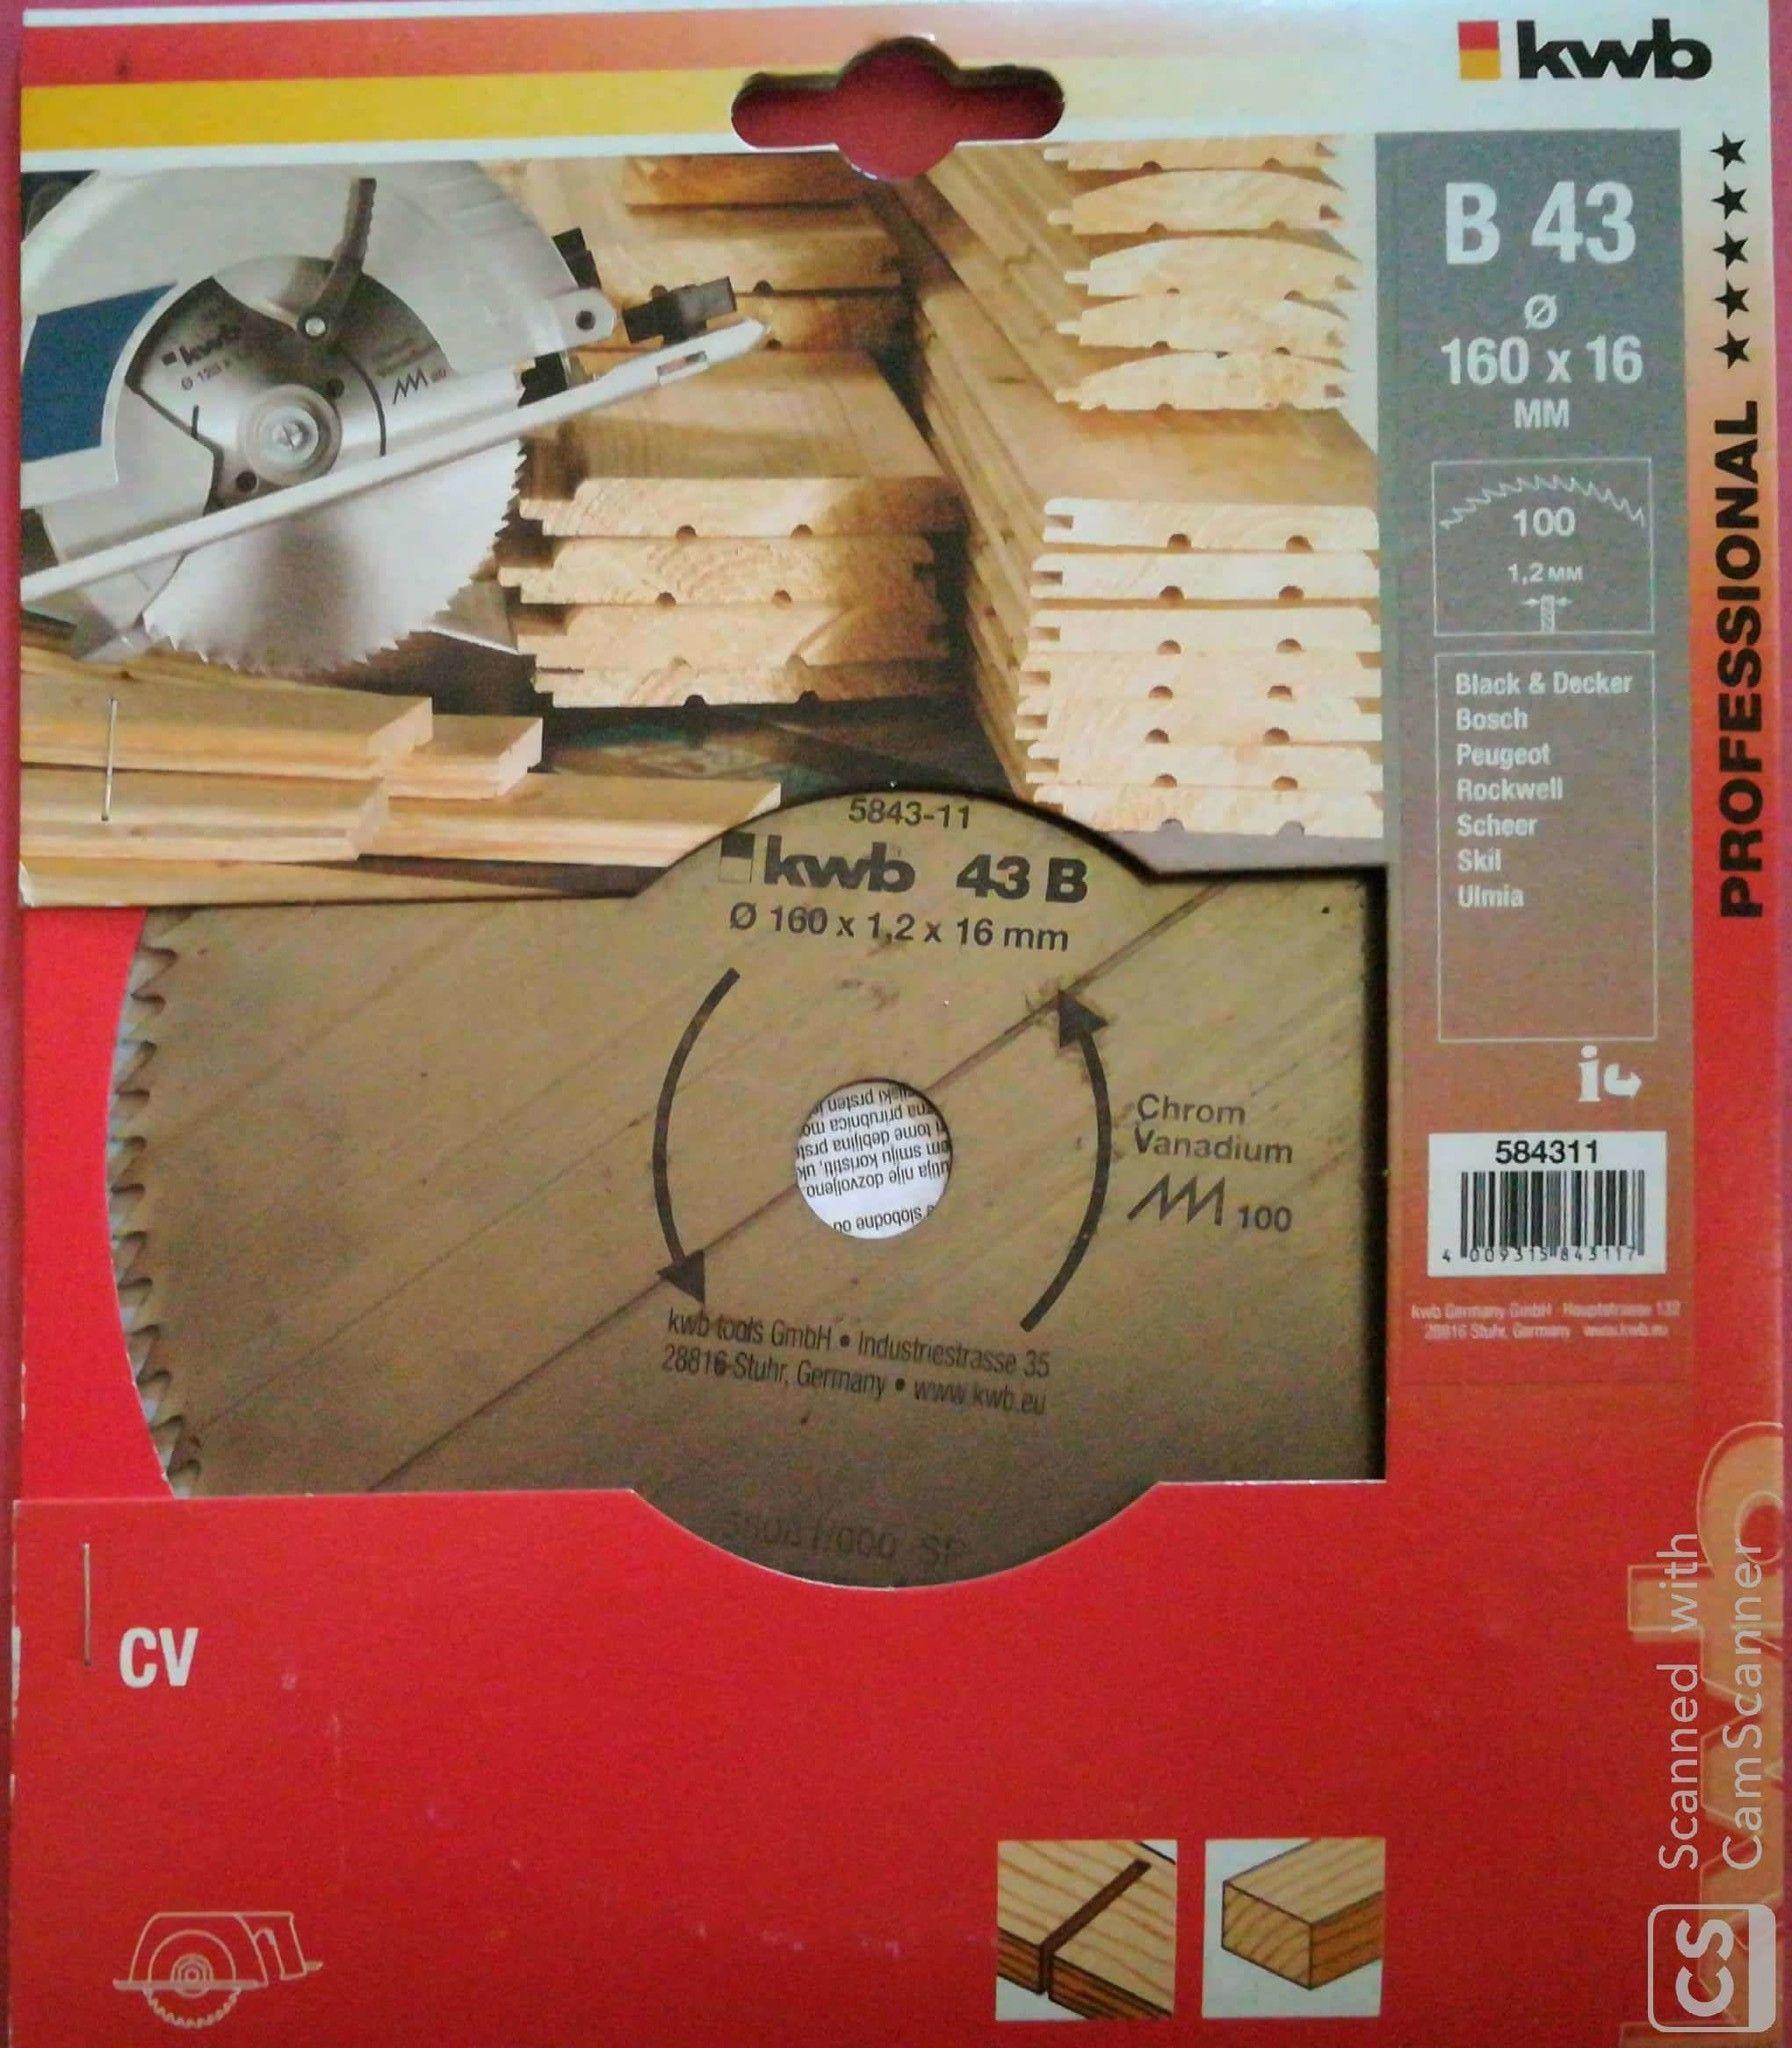 Lama per legno per sega circolare Ø 160 x 16 mm 100 denti